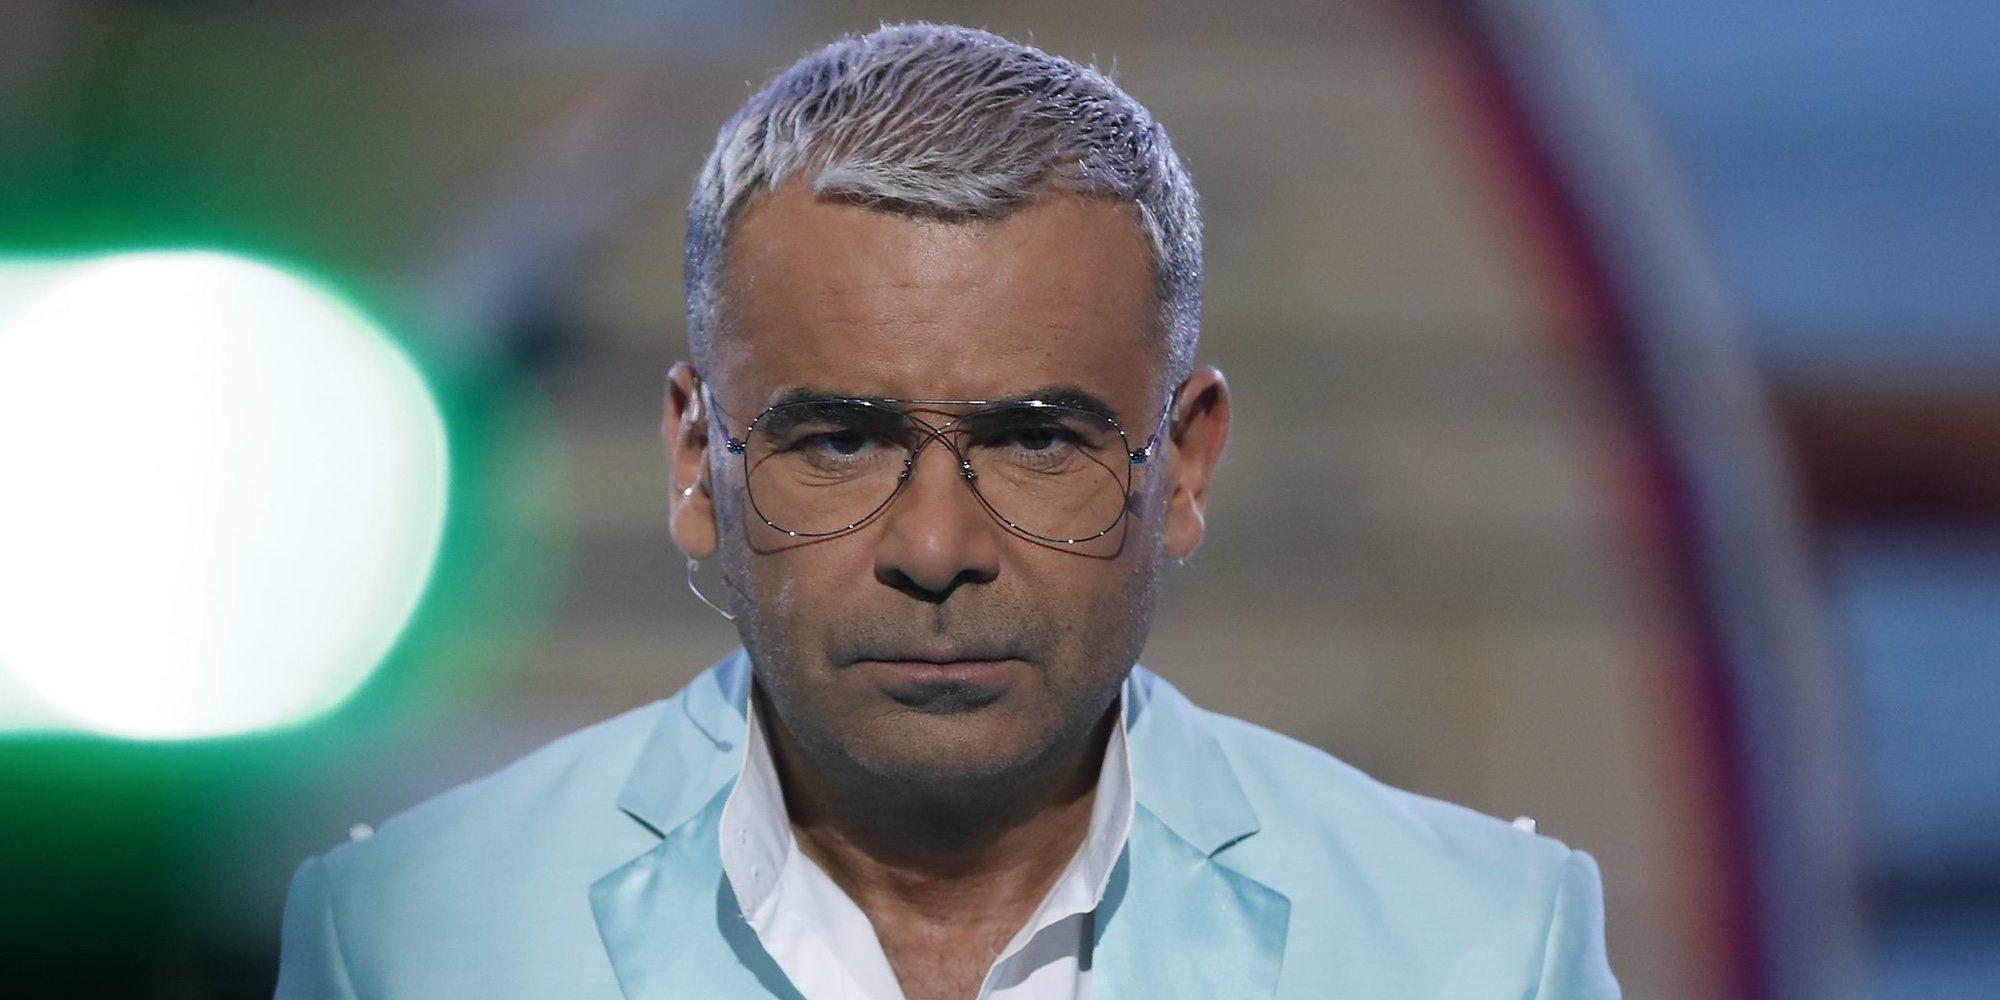 Jorge Javier Vázquez ataca a los concursantes de 'Supervivientes 2019' por su poca inteligencia